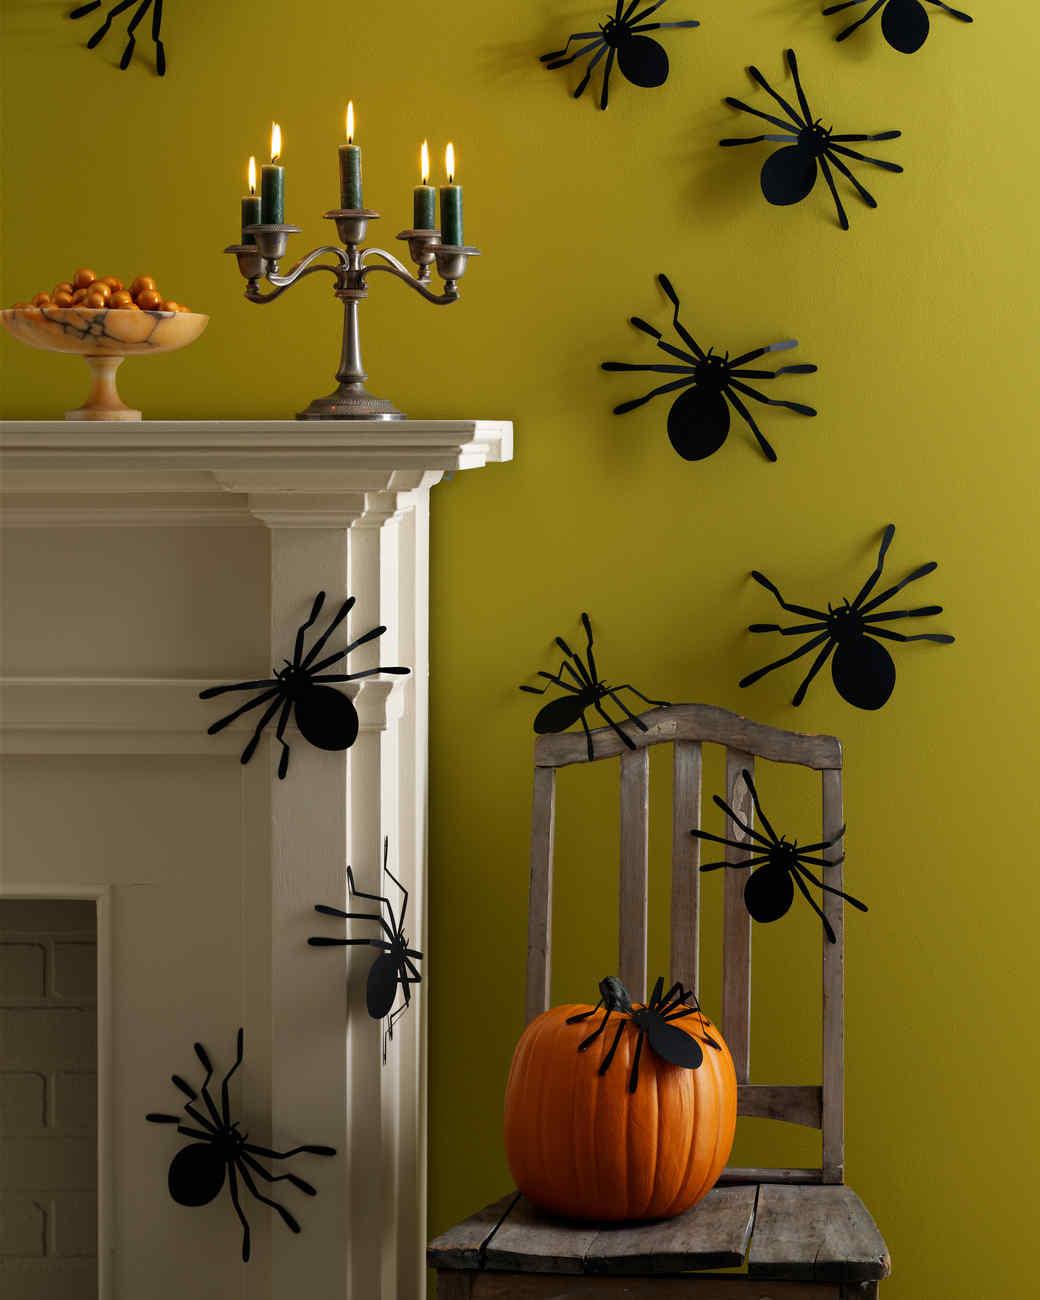 mscrafts-hlwn-spiders.jpg